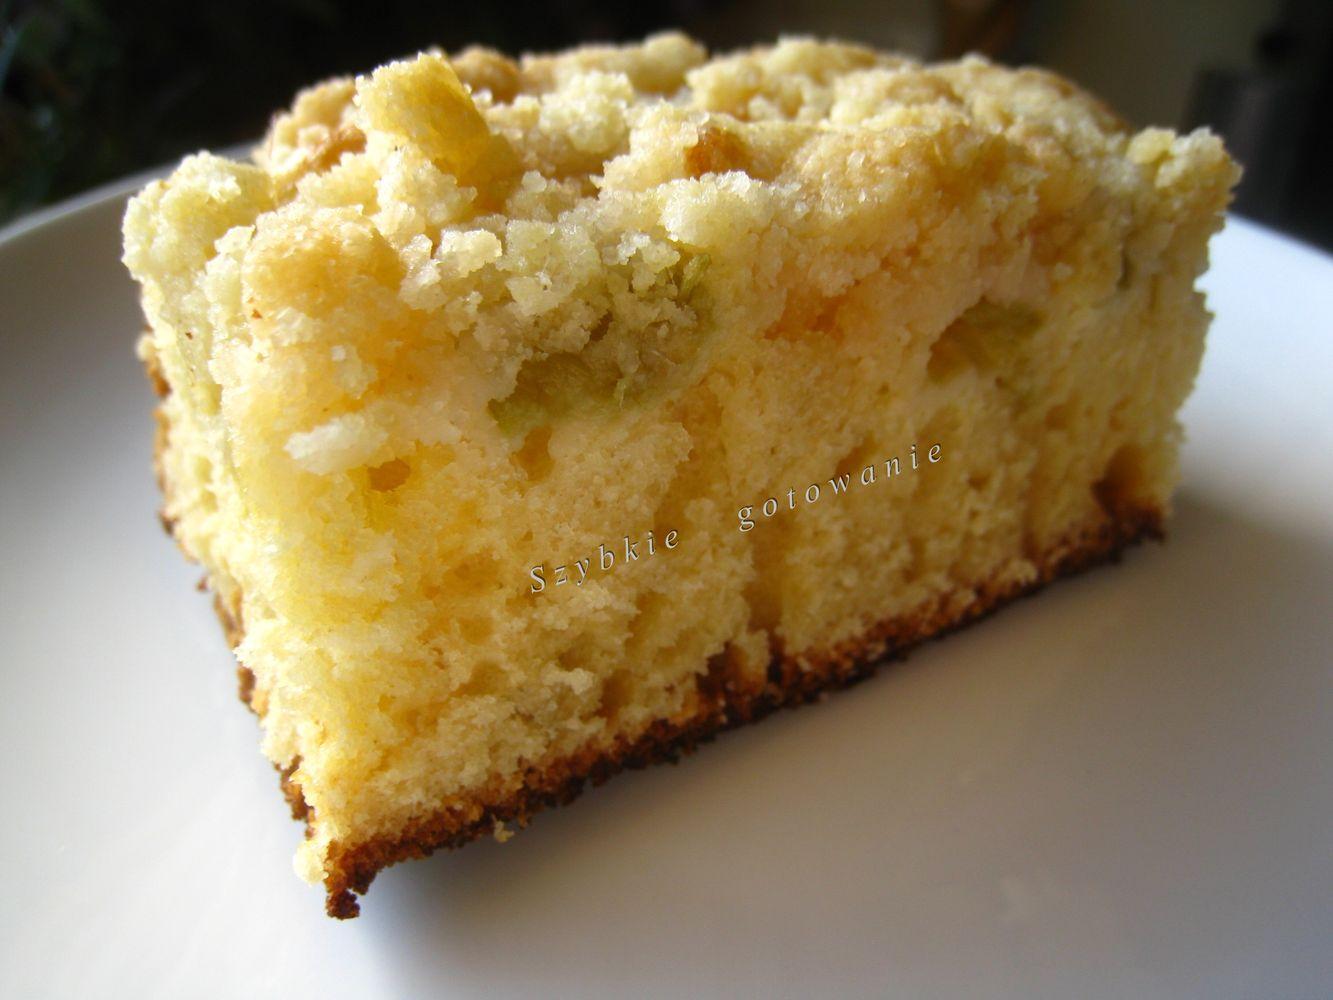 Pyszne odchudzone ciasto drożdżowe bez wyrabiania, z rabarbarem